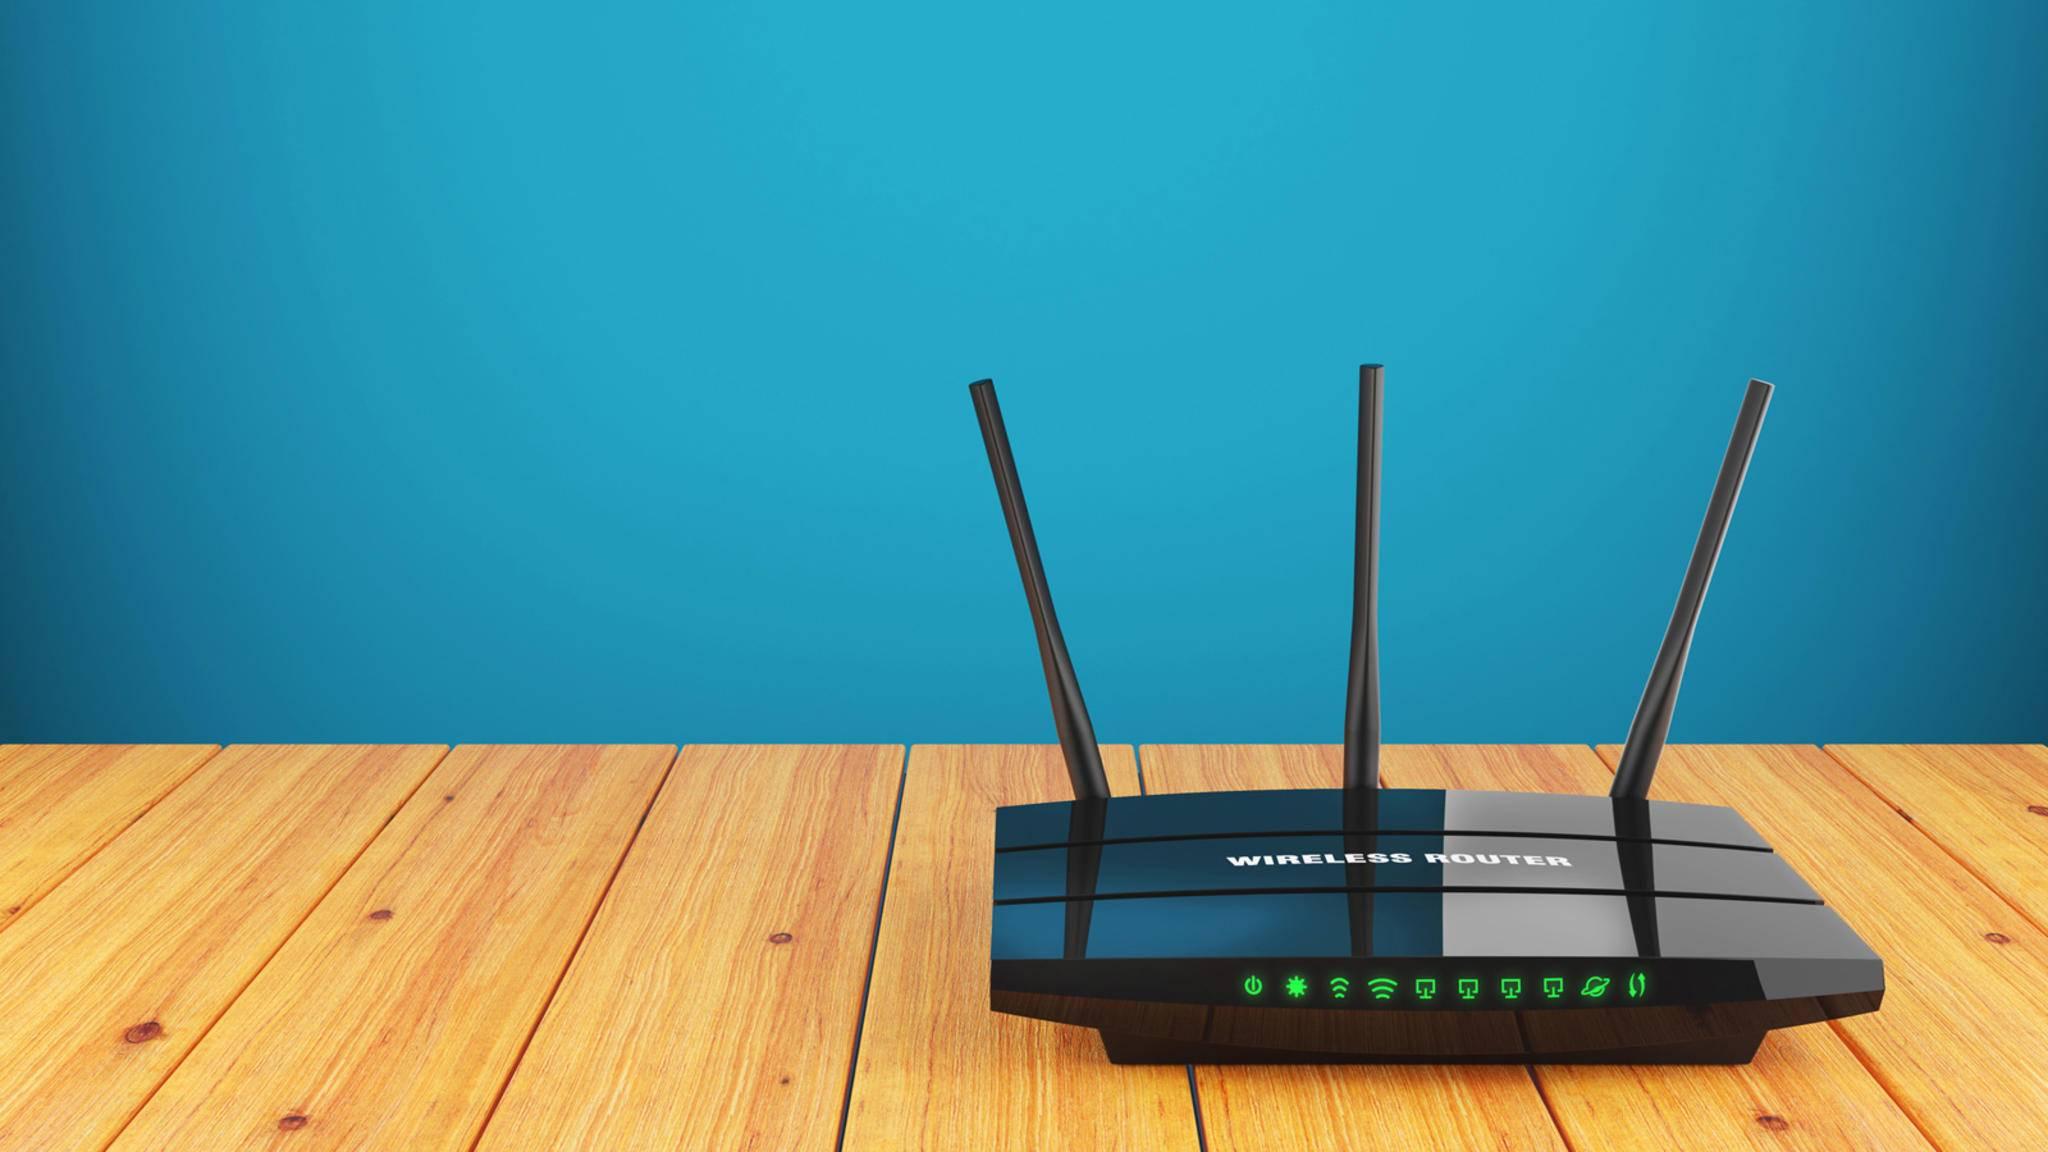 Es kann sich lohnen, den Router an einen anderen Ort zu stellen.